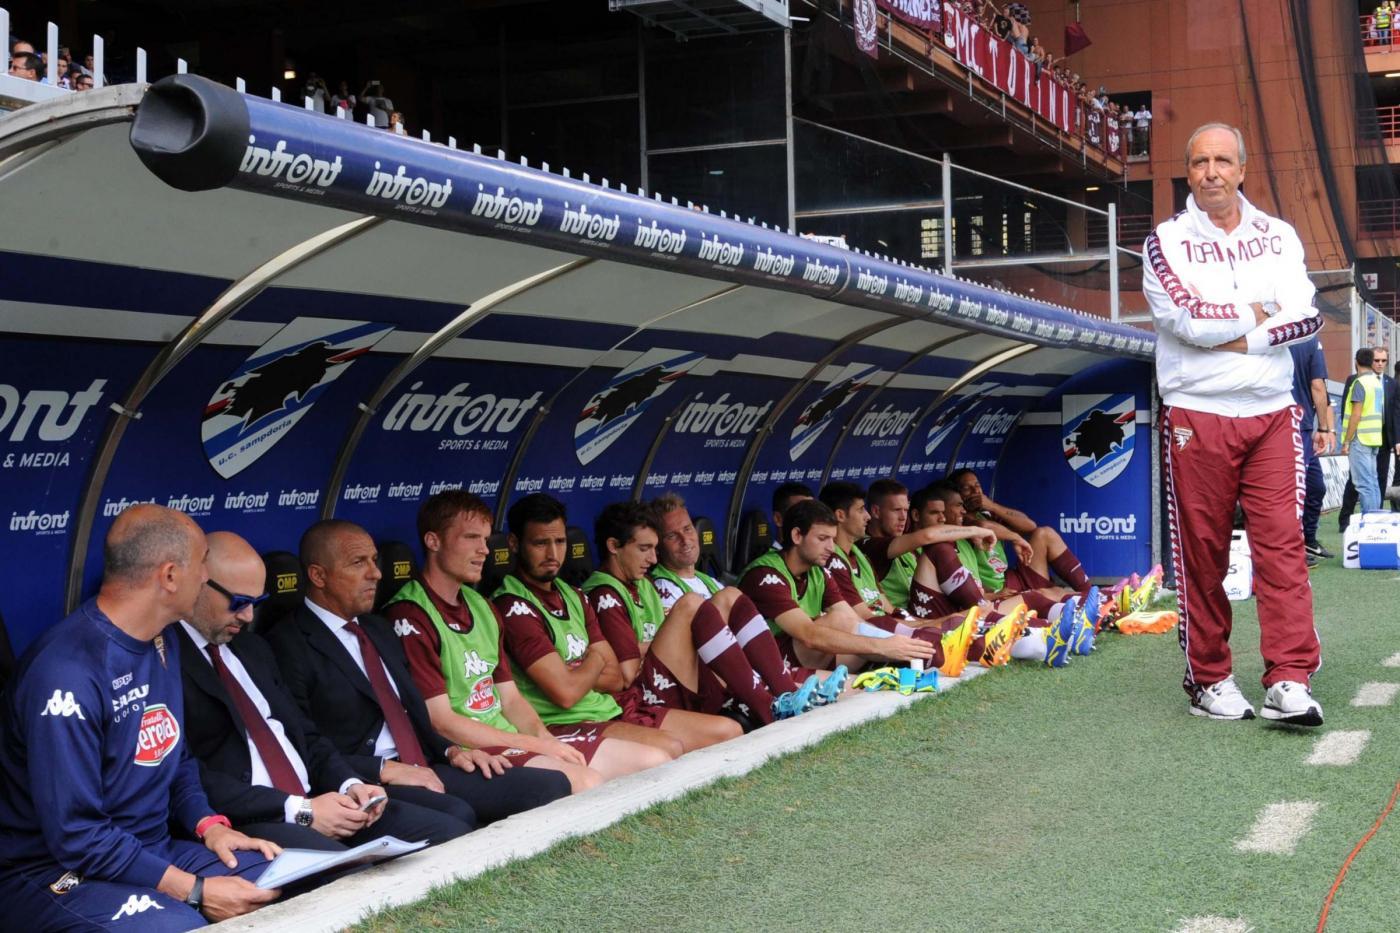 Riforma Serie A: come cambiano le regole sulle rose